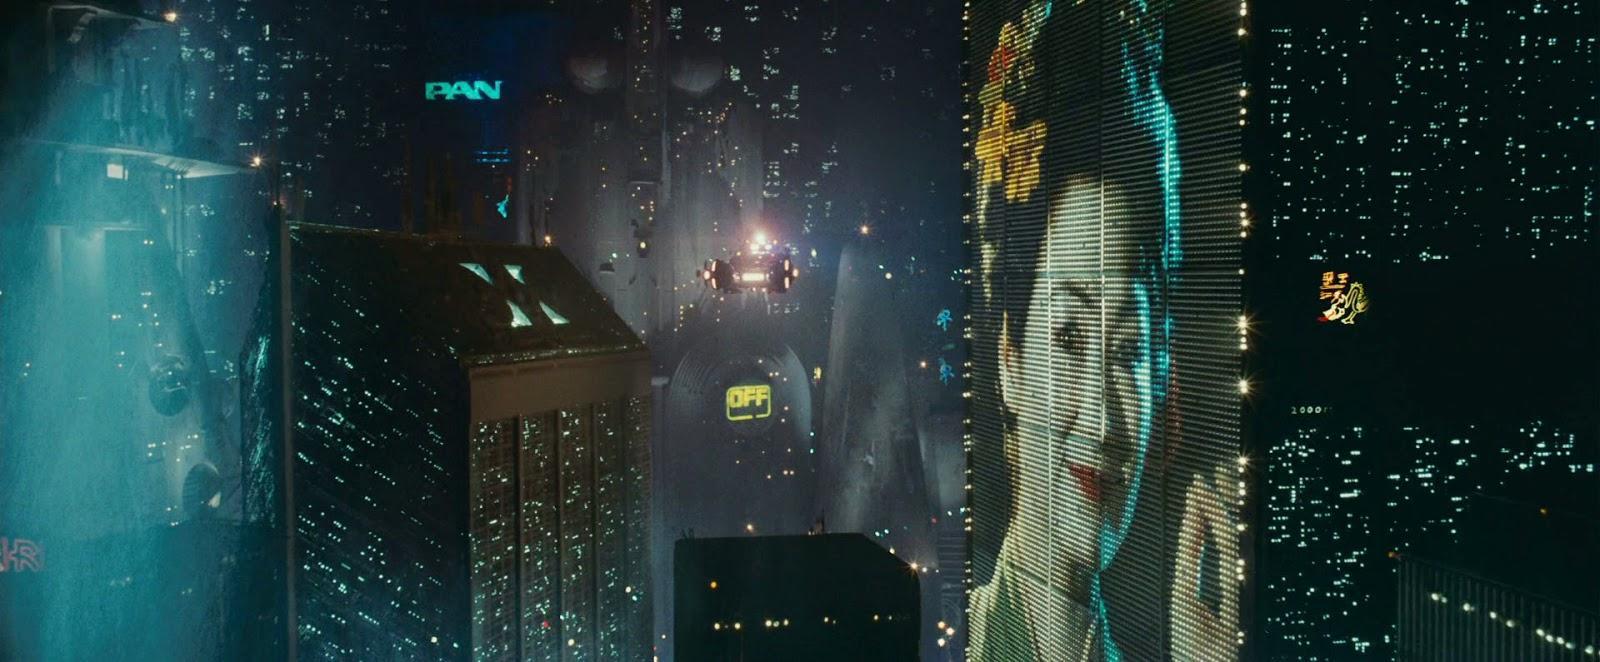 关于日本艺妓的电影_电影中的赛博朋克城市:从《银翼杀手》《攻壳机动队》到香港 ...